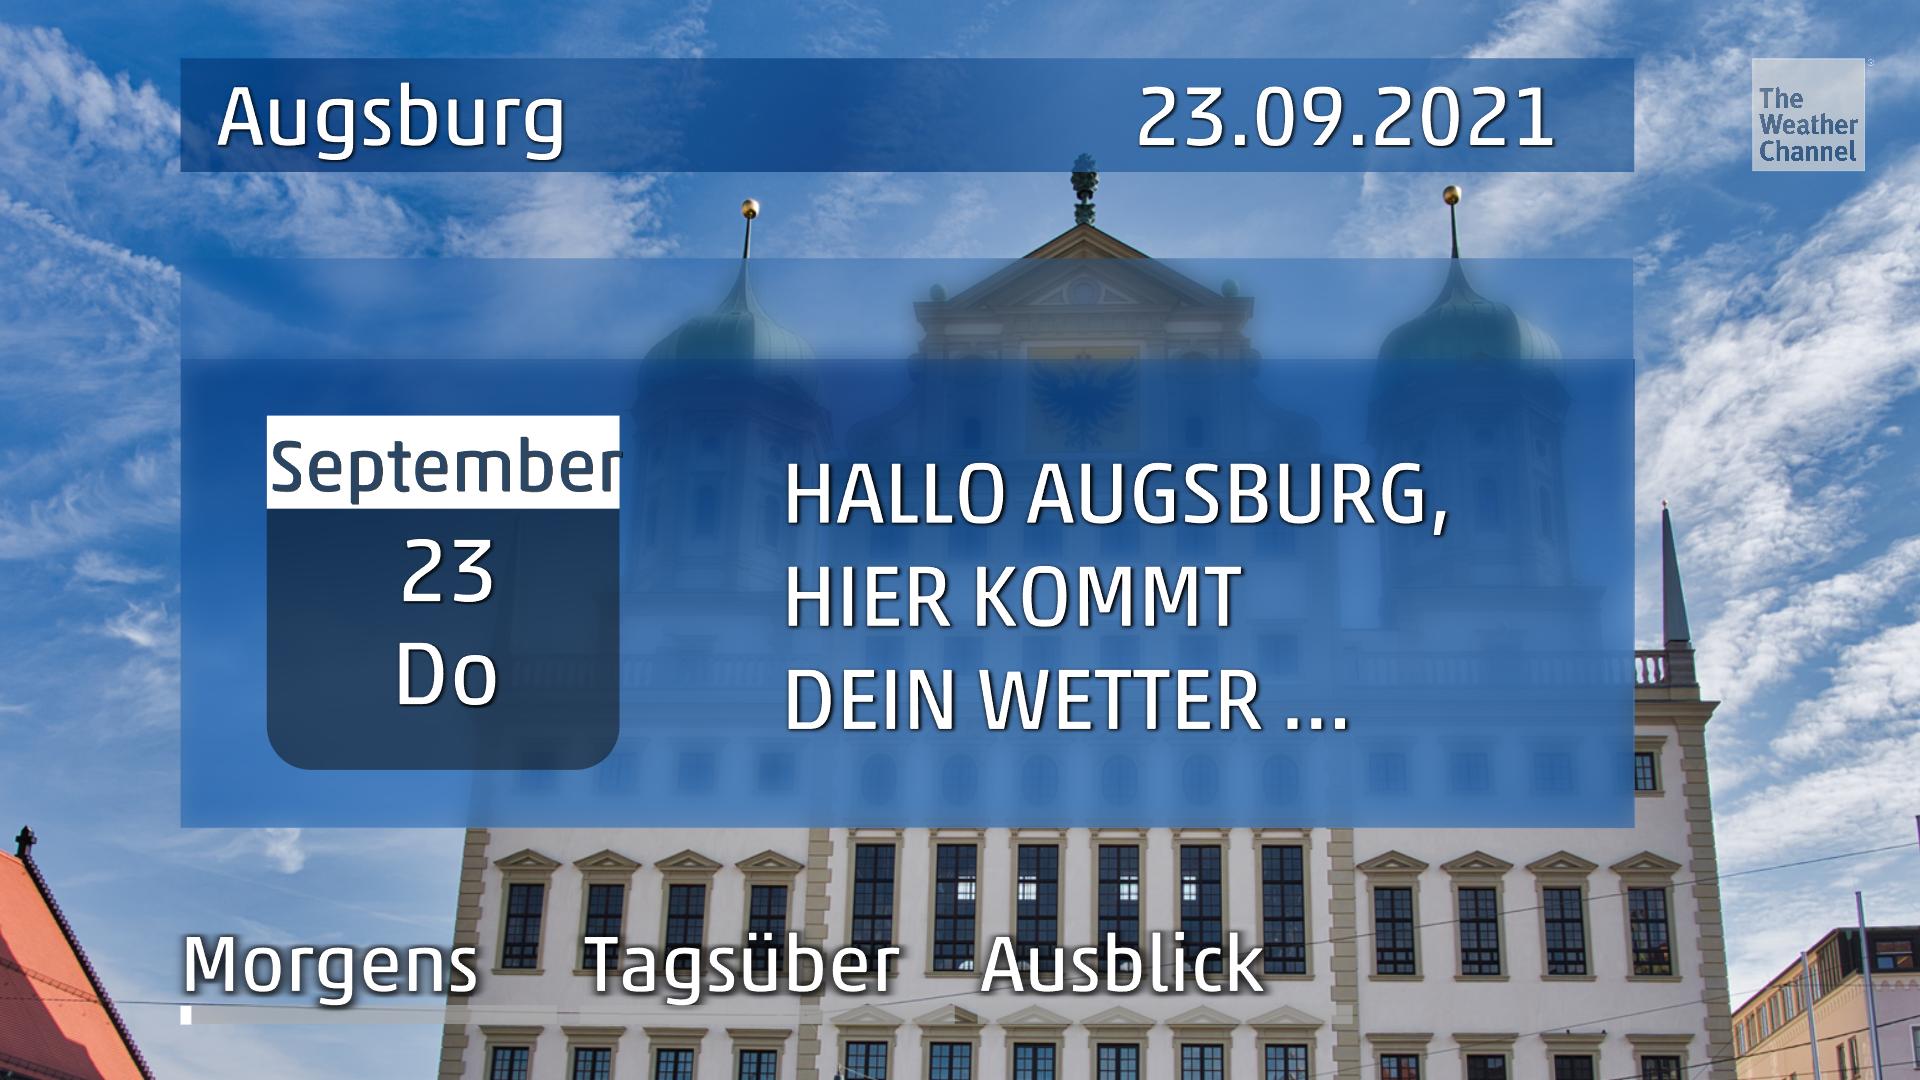 Das Wetter für Augsburg am Donnerstag, den 23.09.2021